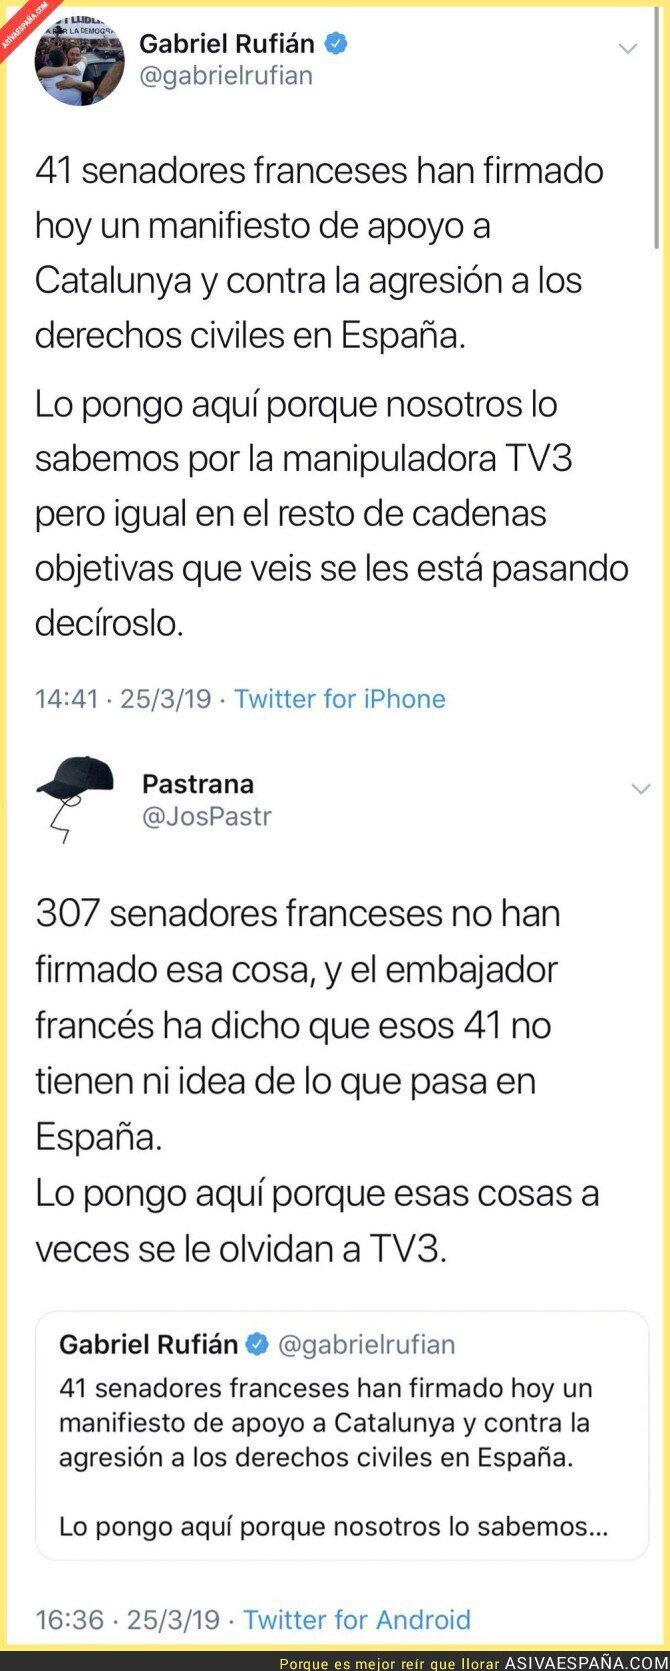 107410 - Los senadores franceses apoyando a Catalunya que no te cuenta Gabriel Rufián